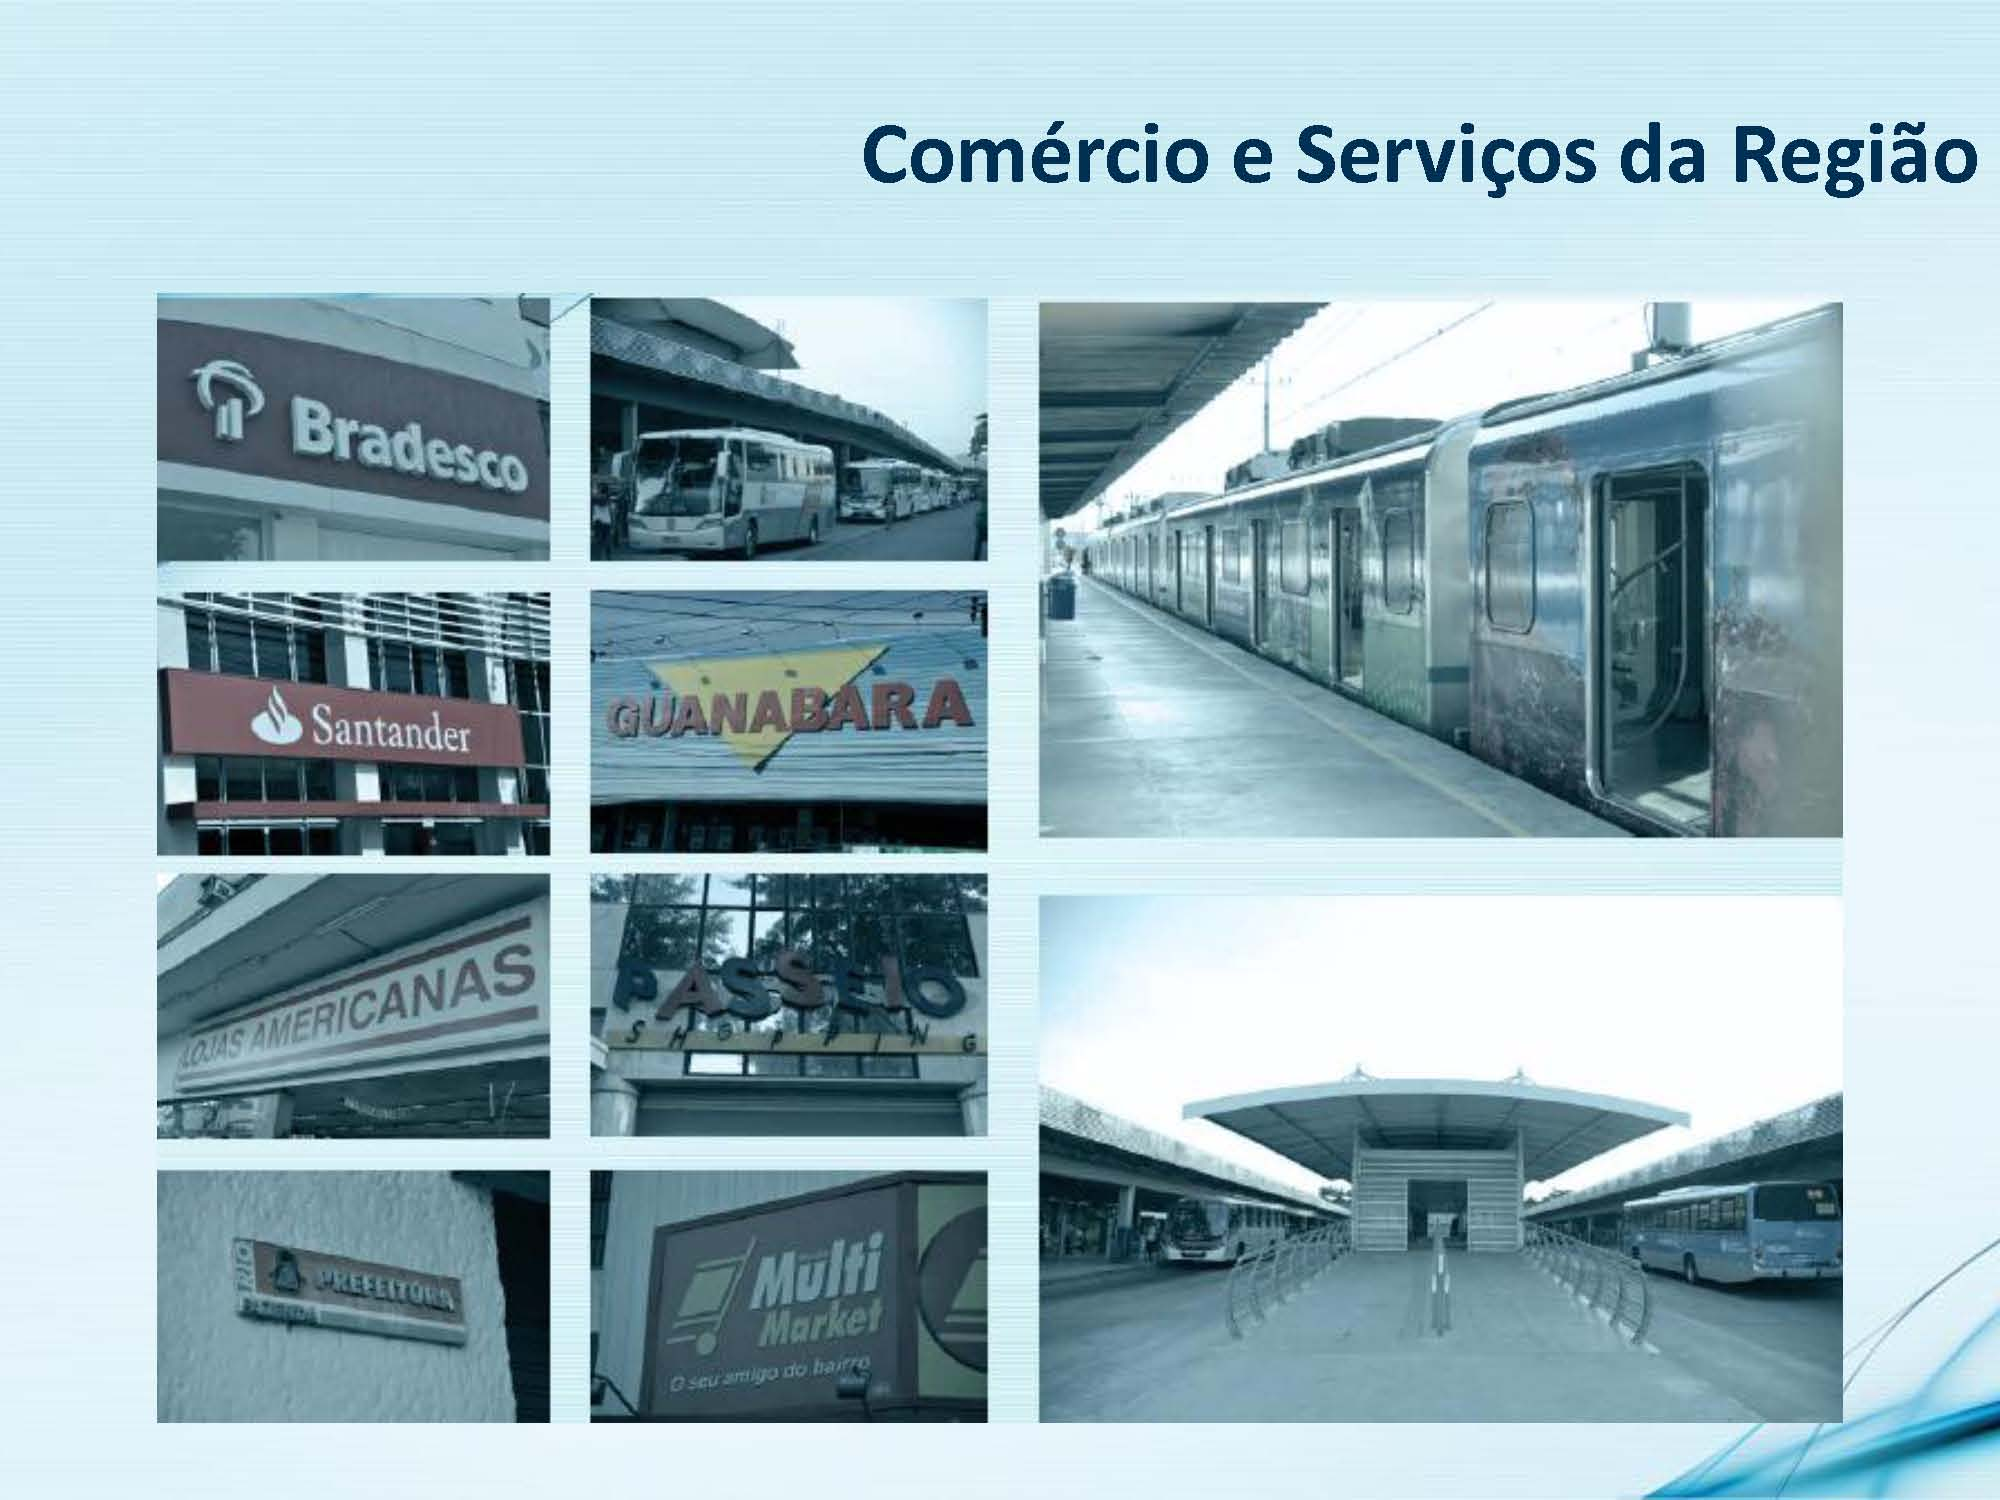 #2488A7 Passeio Empresarial Salas Comerciais em Campo Grande RJ 5130 Janela De Aluminio Em Campo Grande Rj